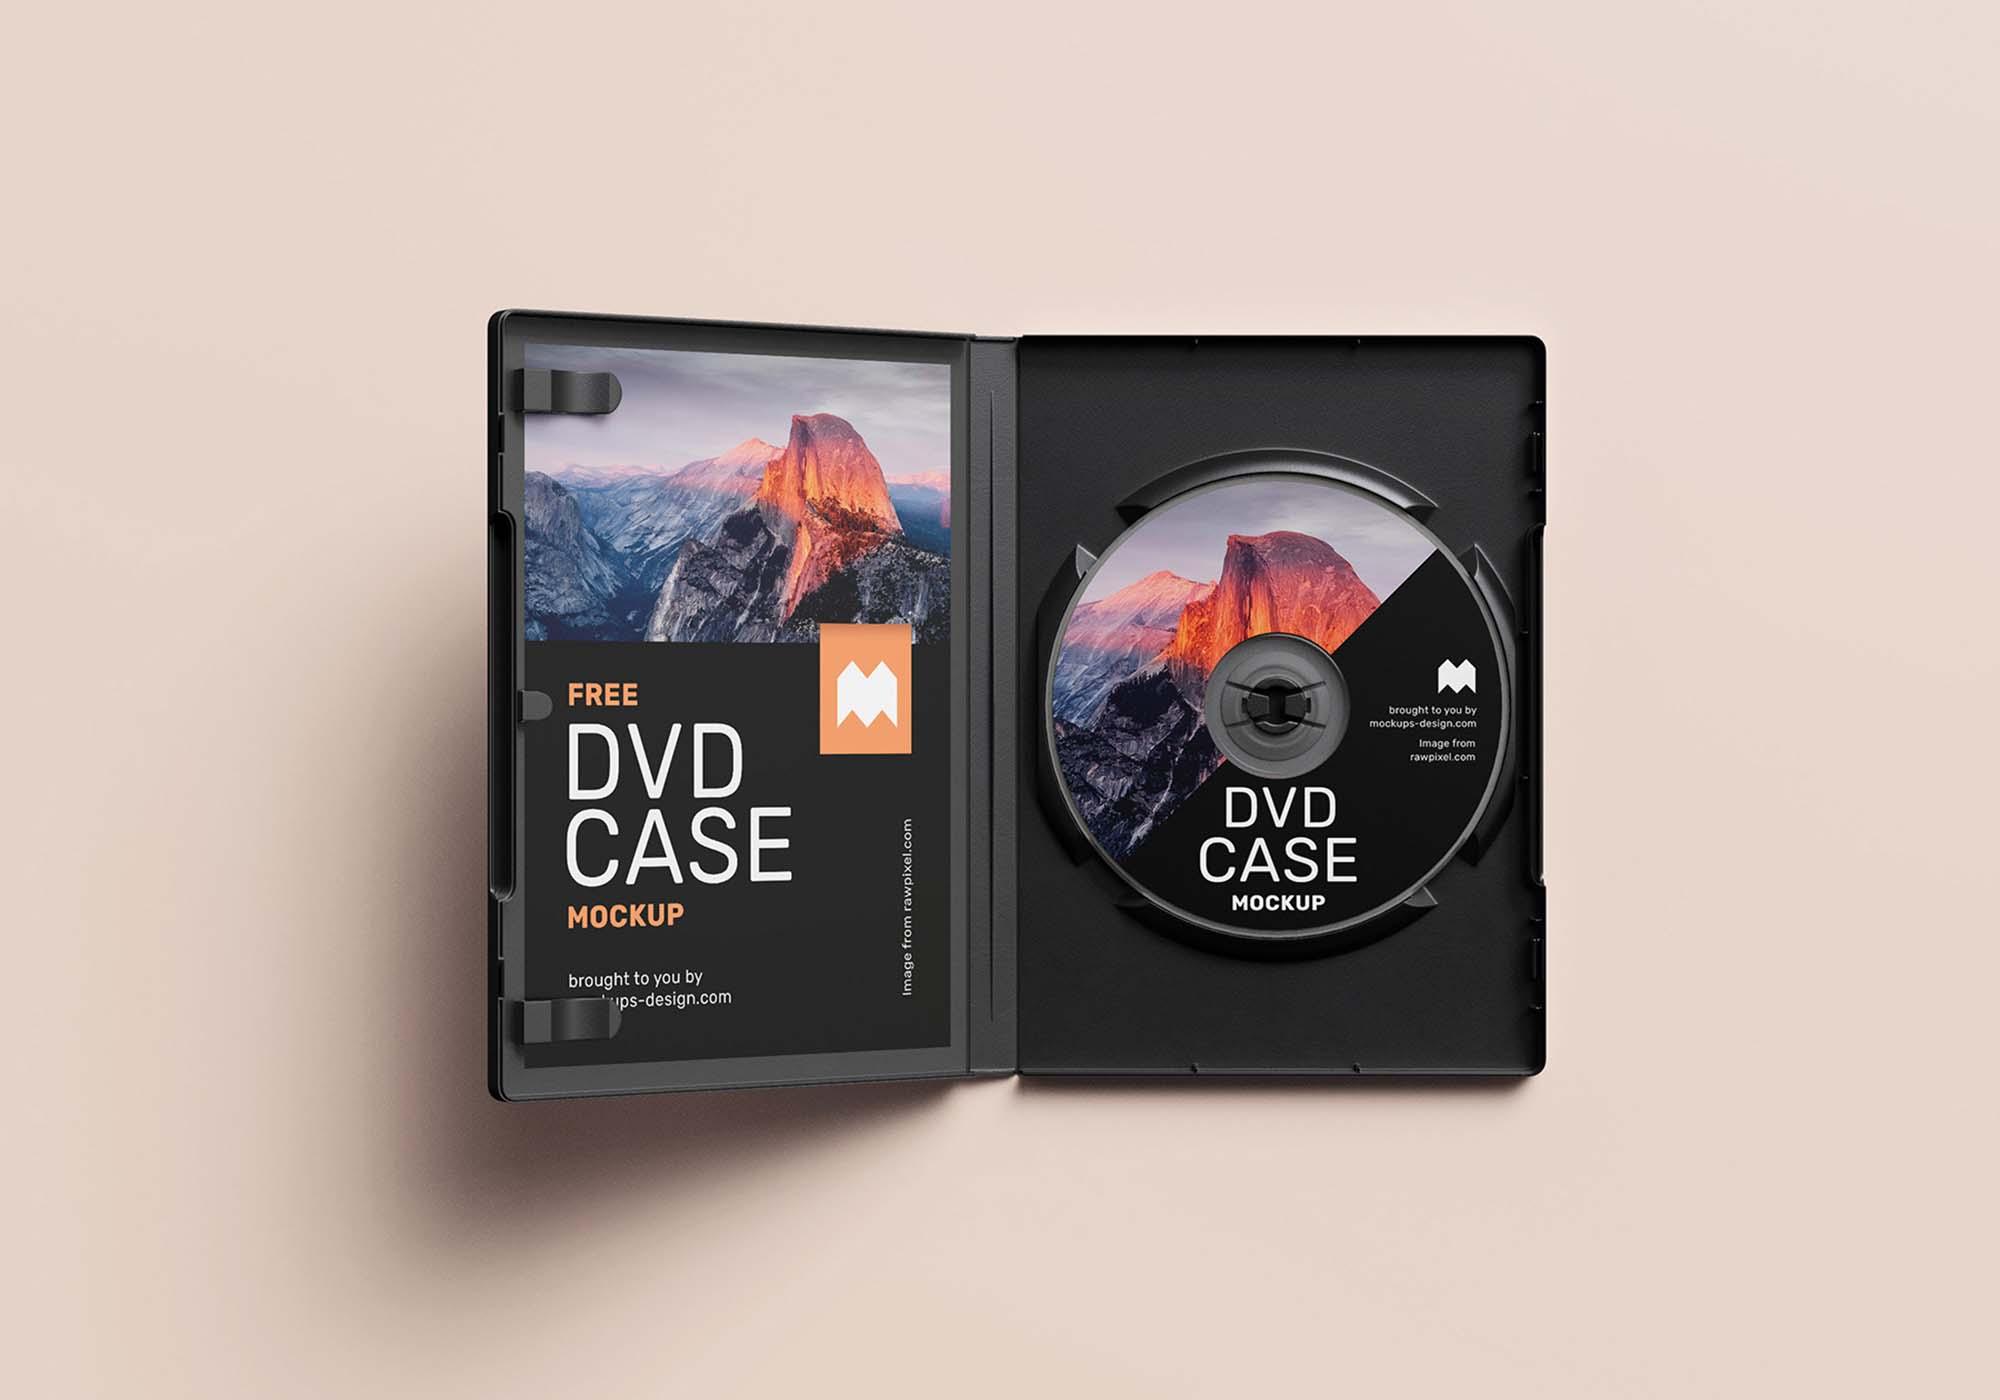 DVD Case Mockup 1